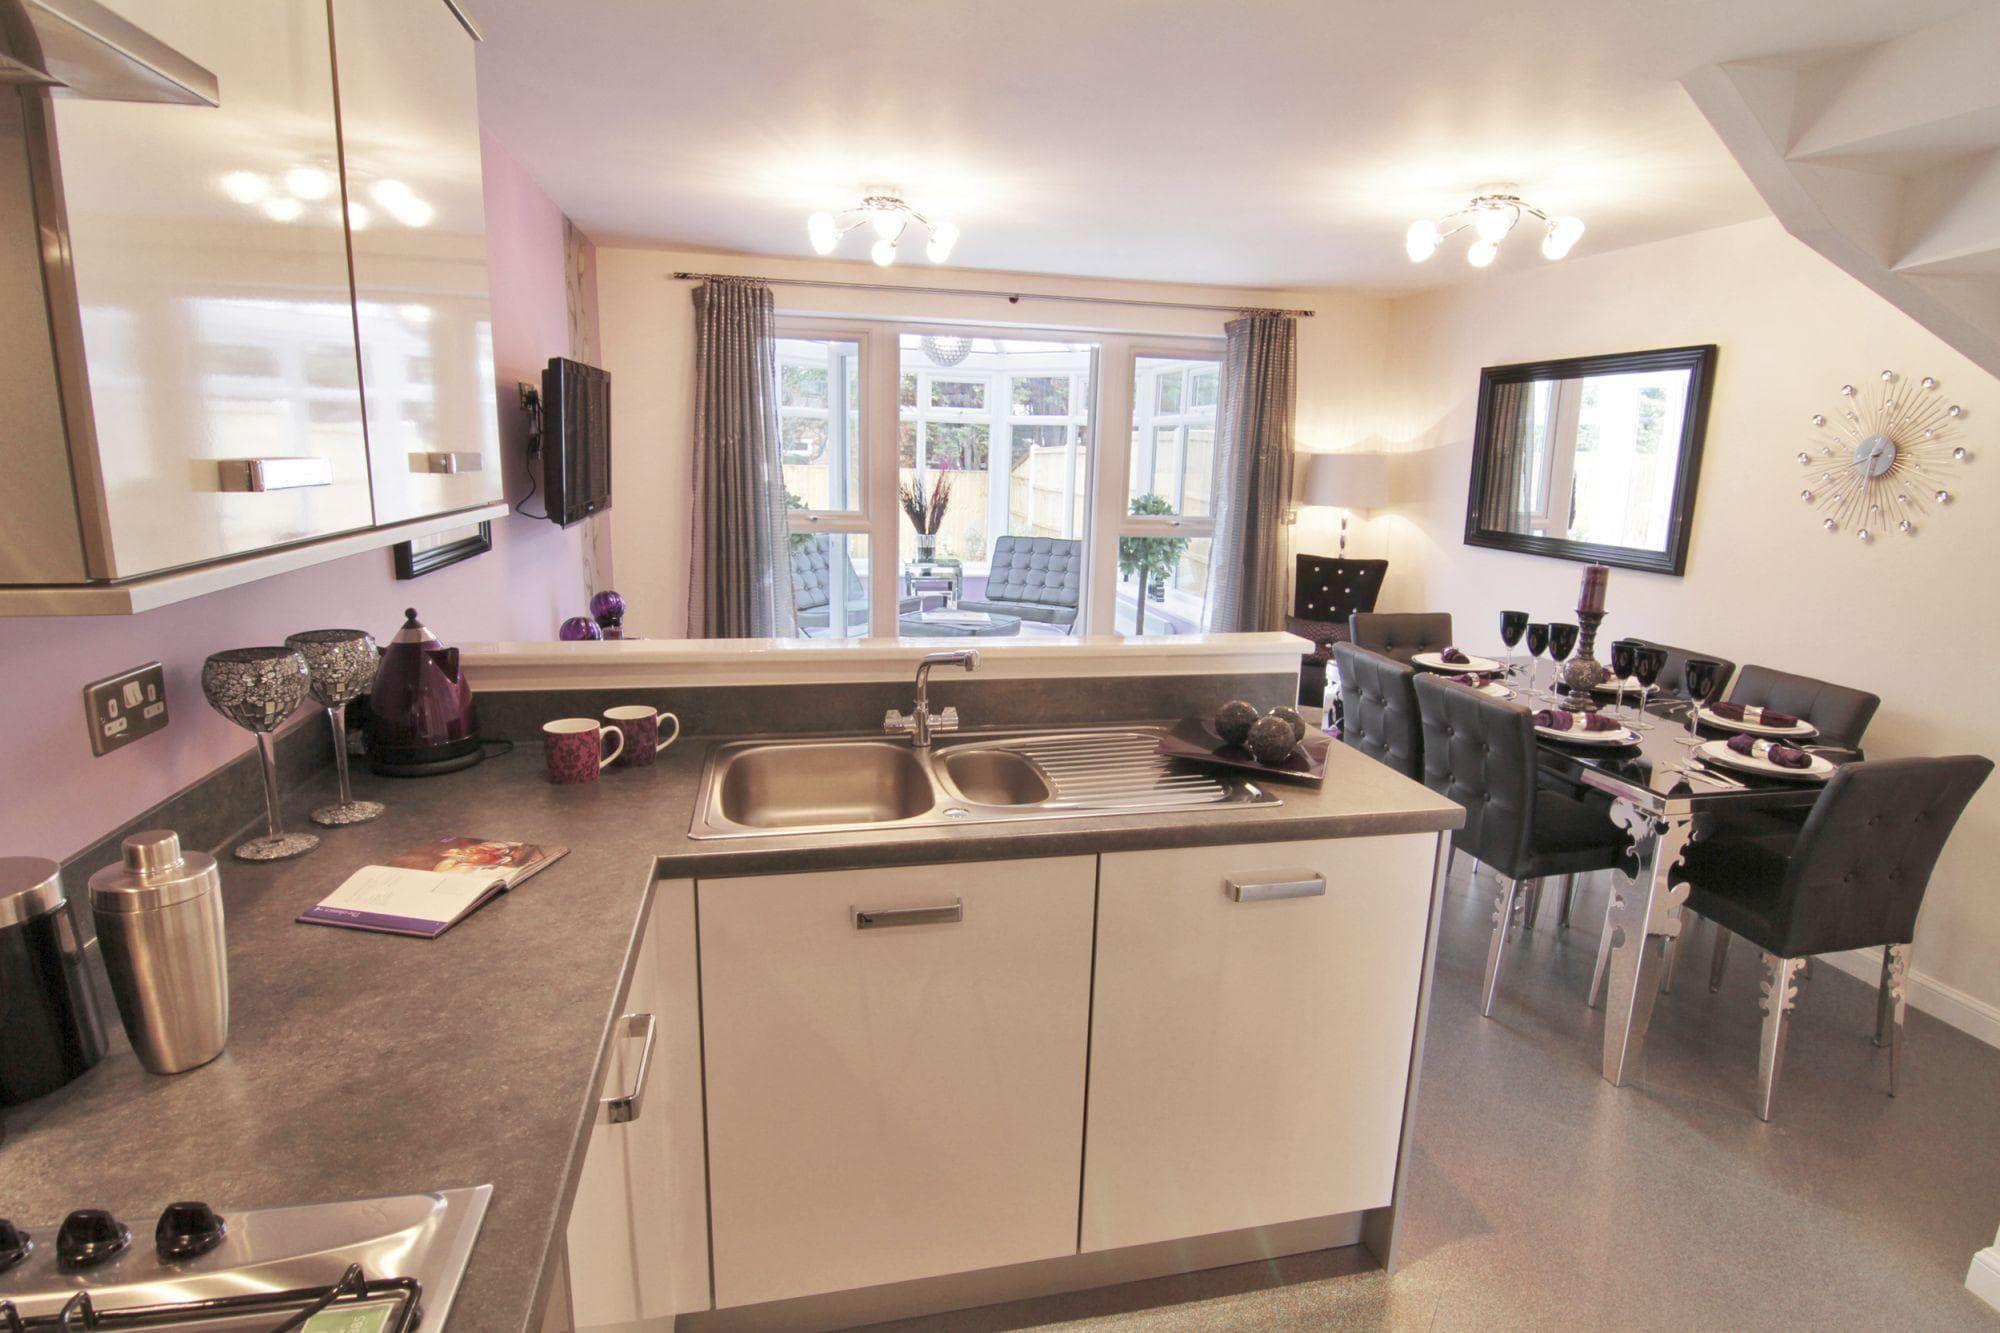 أفضل تصميم لمطبخ صغير مفتوح على الصالة Kitchen Dining Kitchen Home Decor